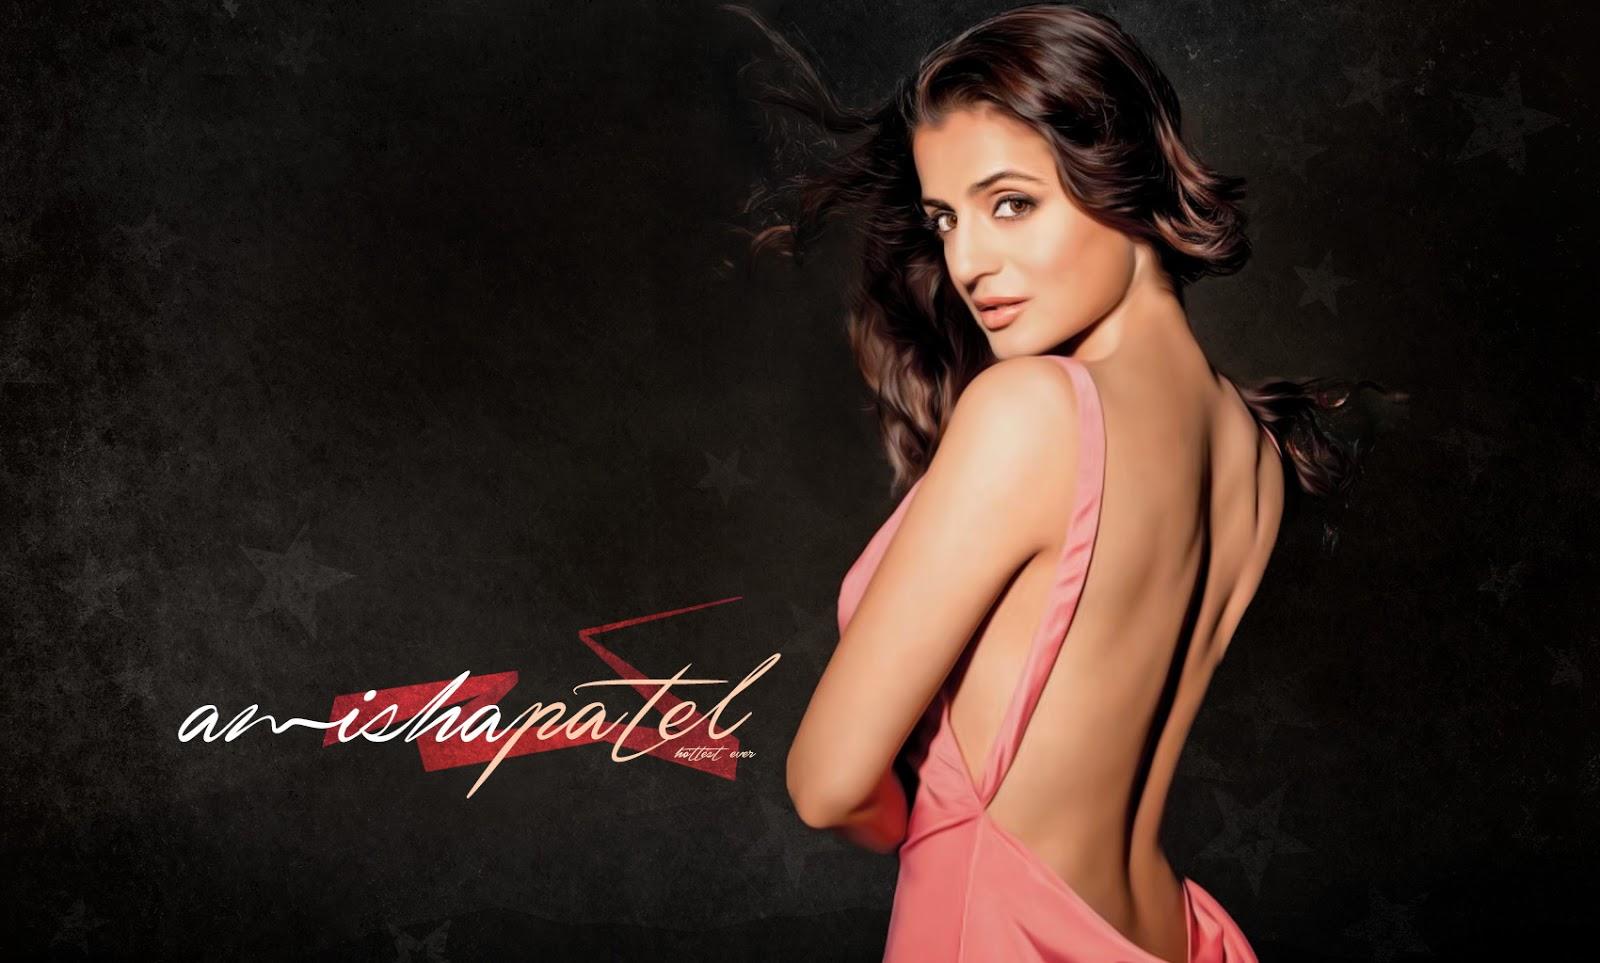 Amisha Patel Hot Wallpaper